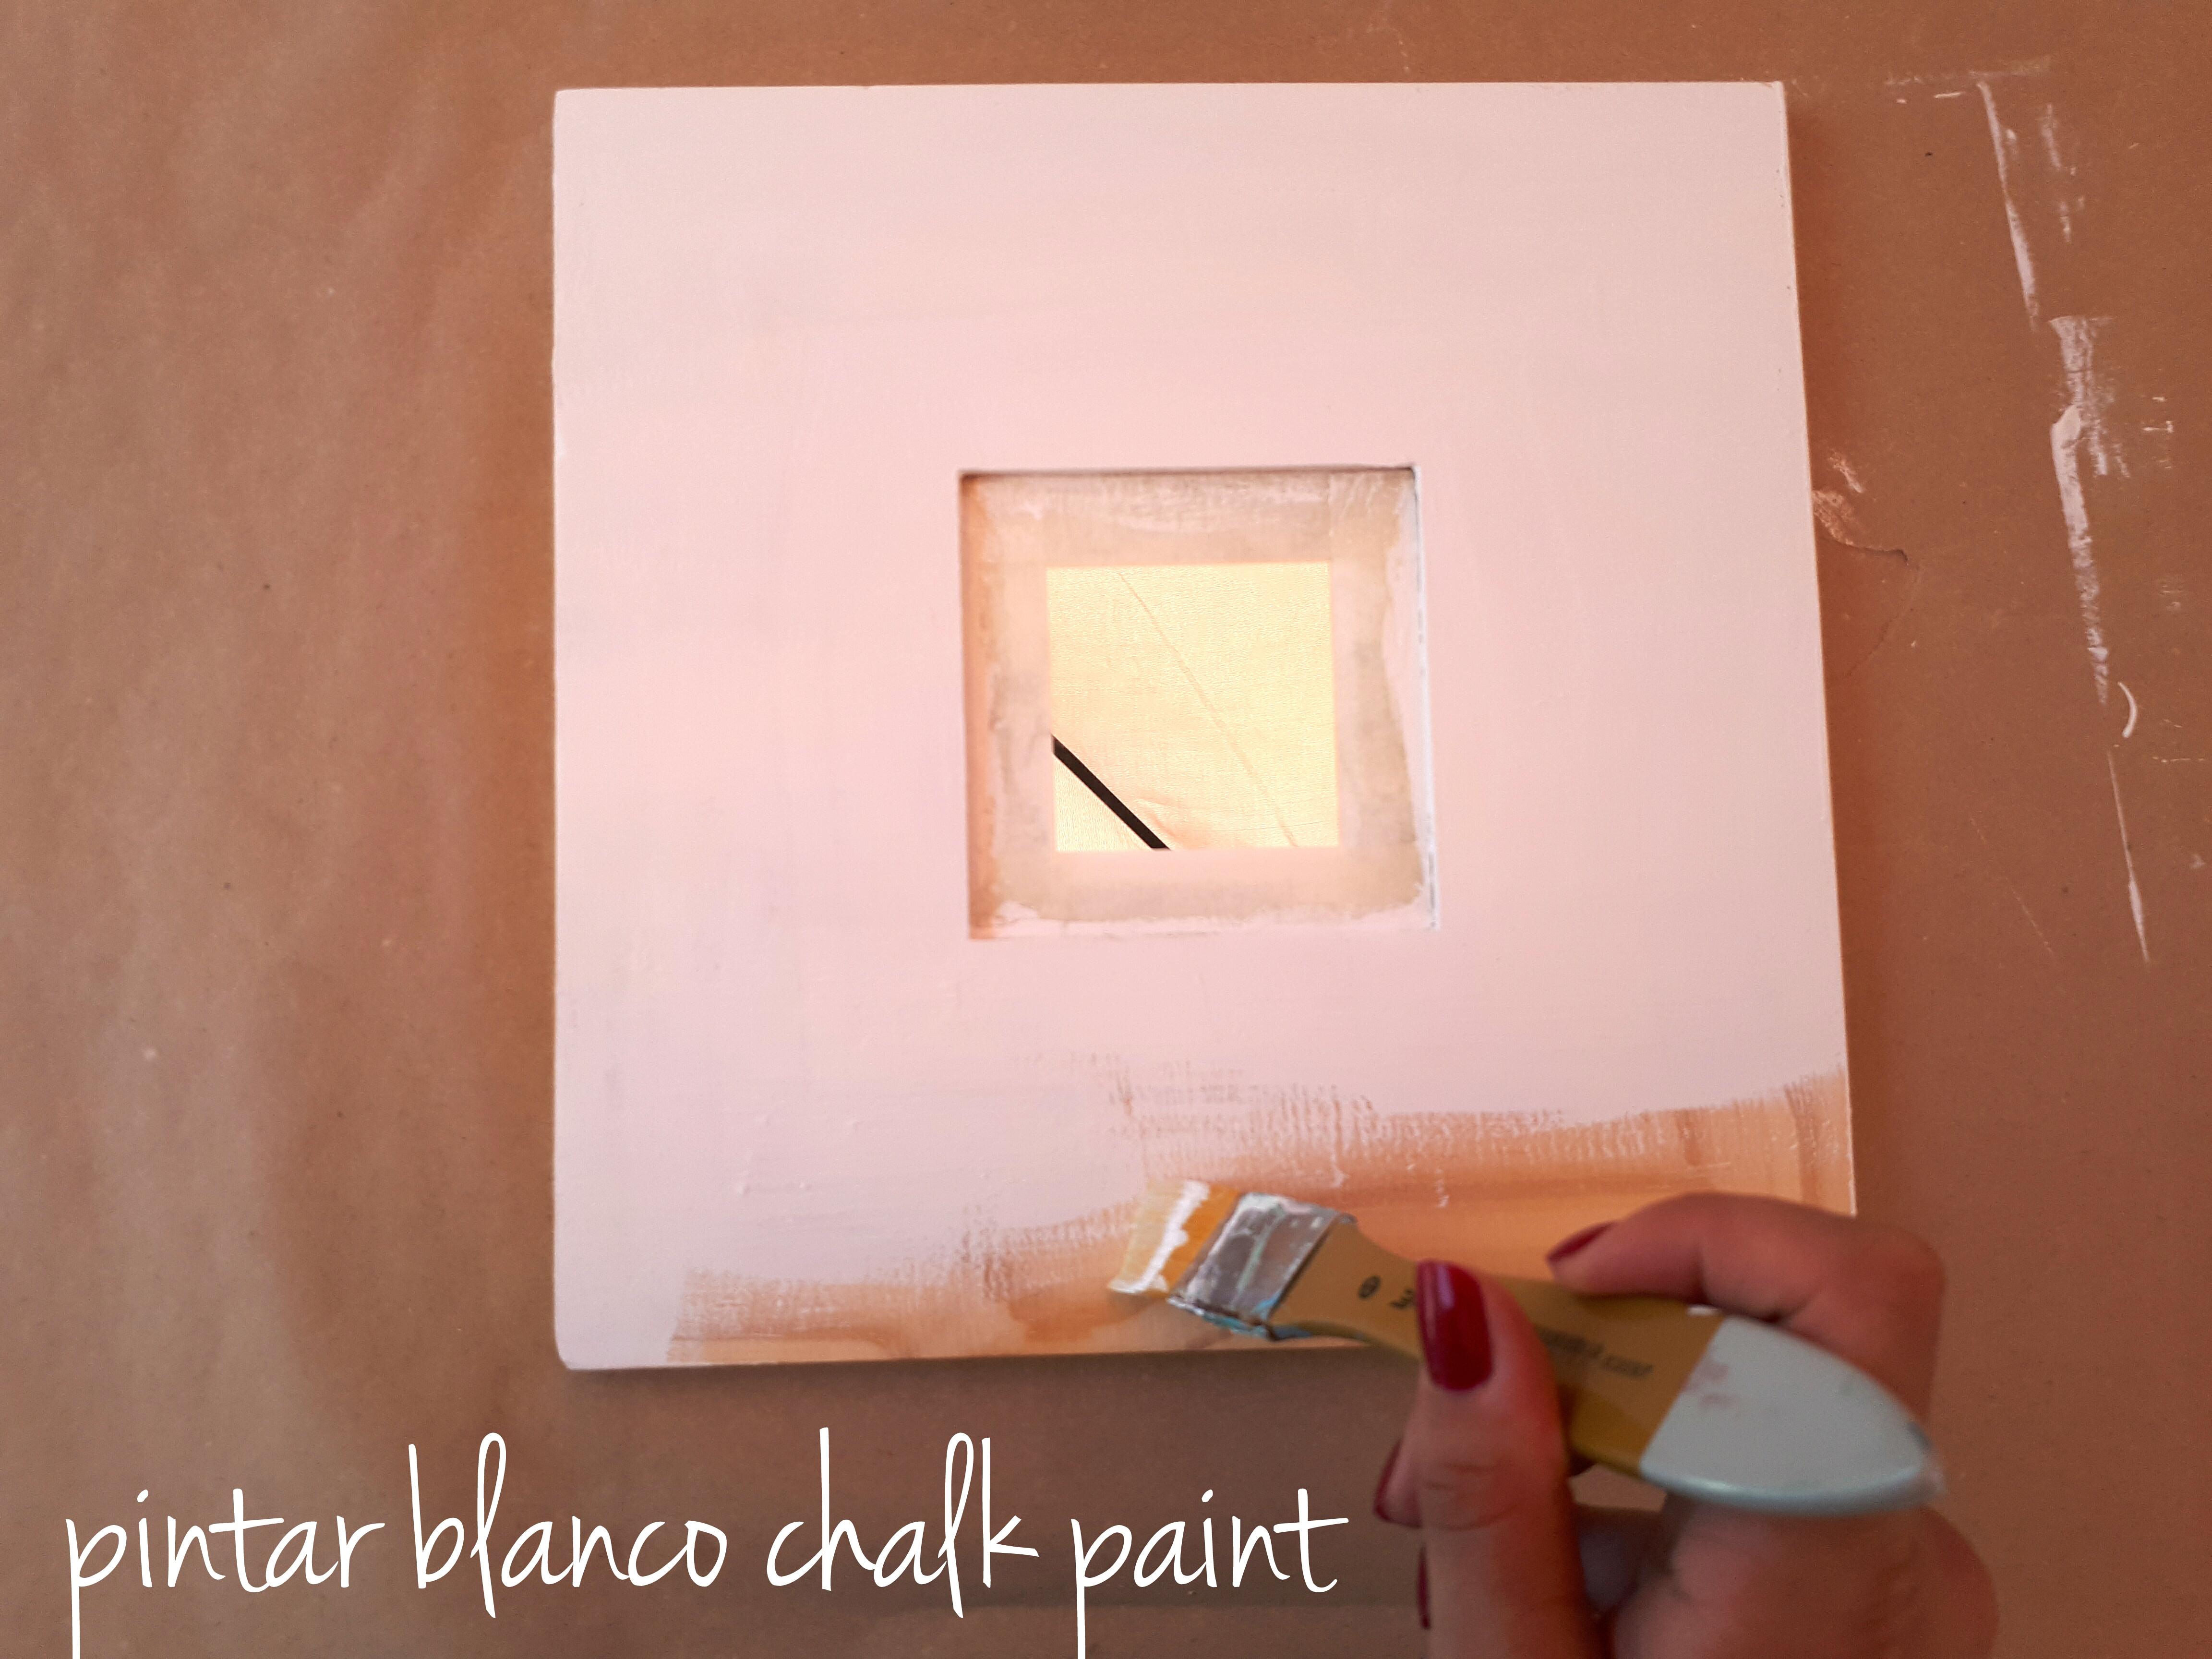 Como decorar un espejo de ikea con pintura handbox craft - Pintura para espejos ...